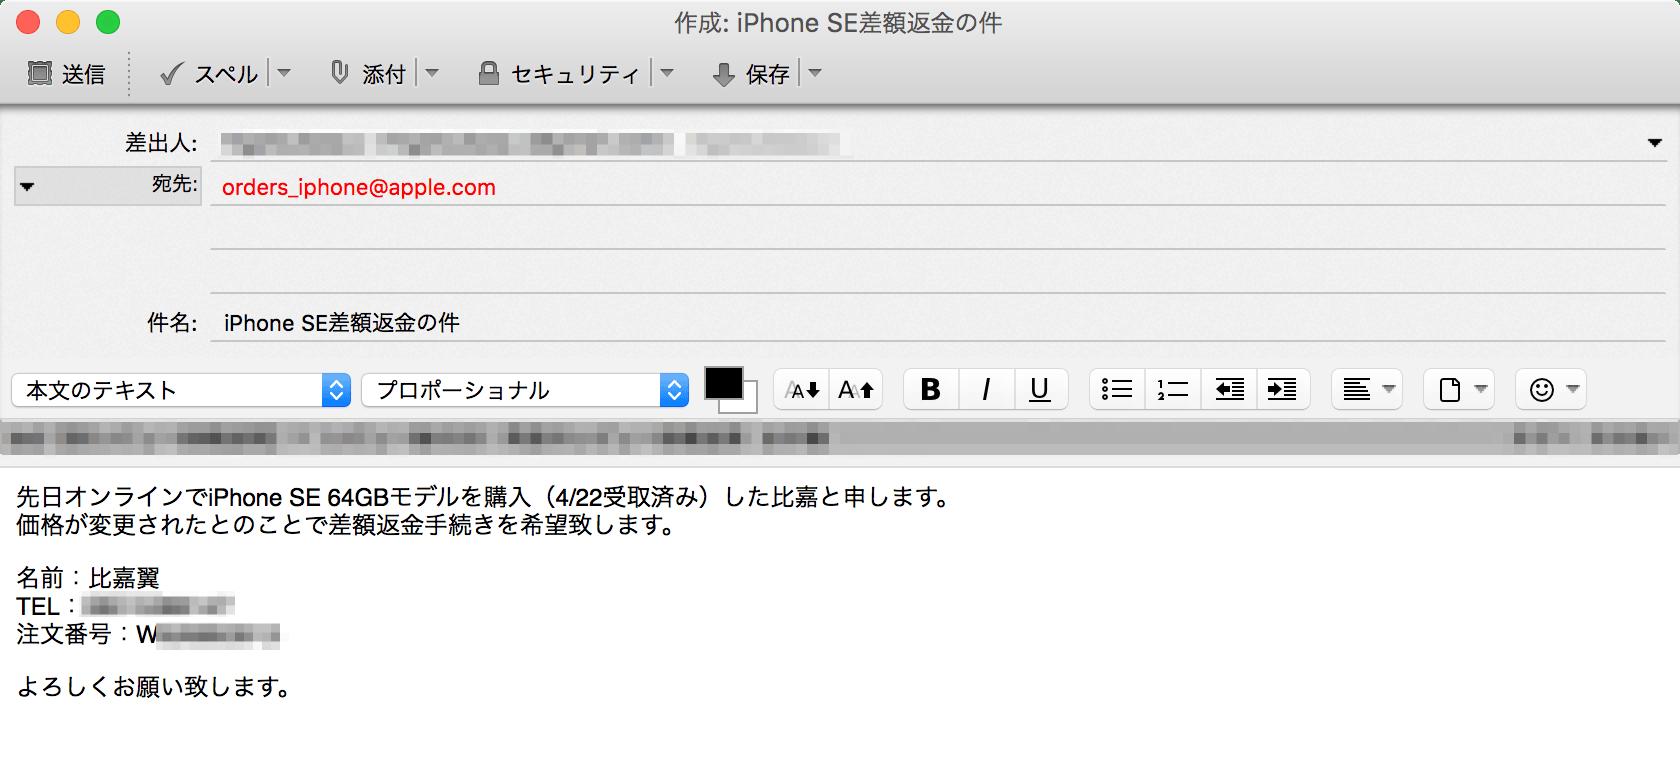 001_20160430_iphone-se-sagaku